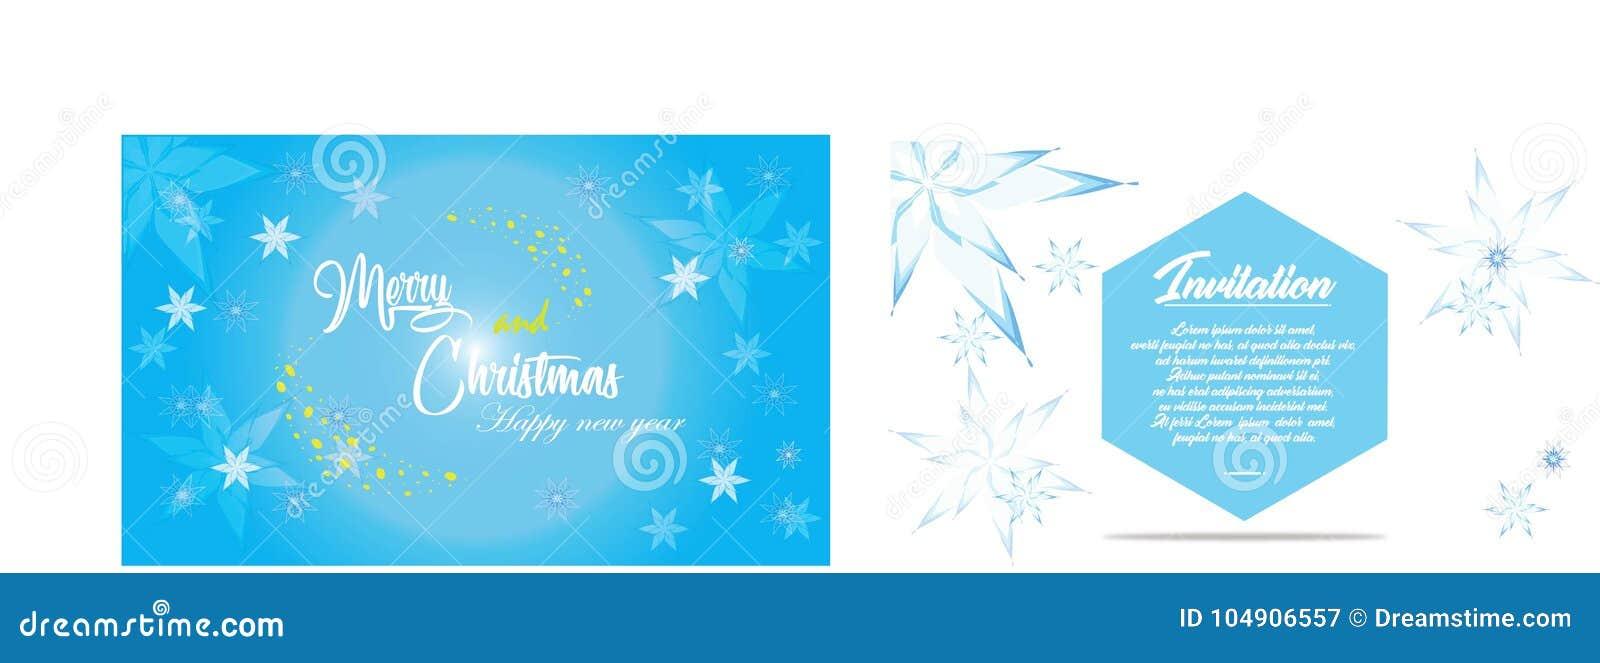 Απλή κάρτα Χριστουγέννων και πρόσκληση